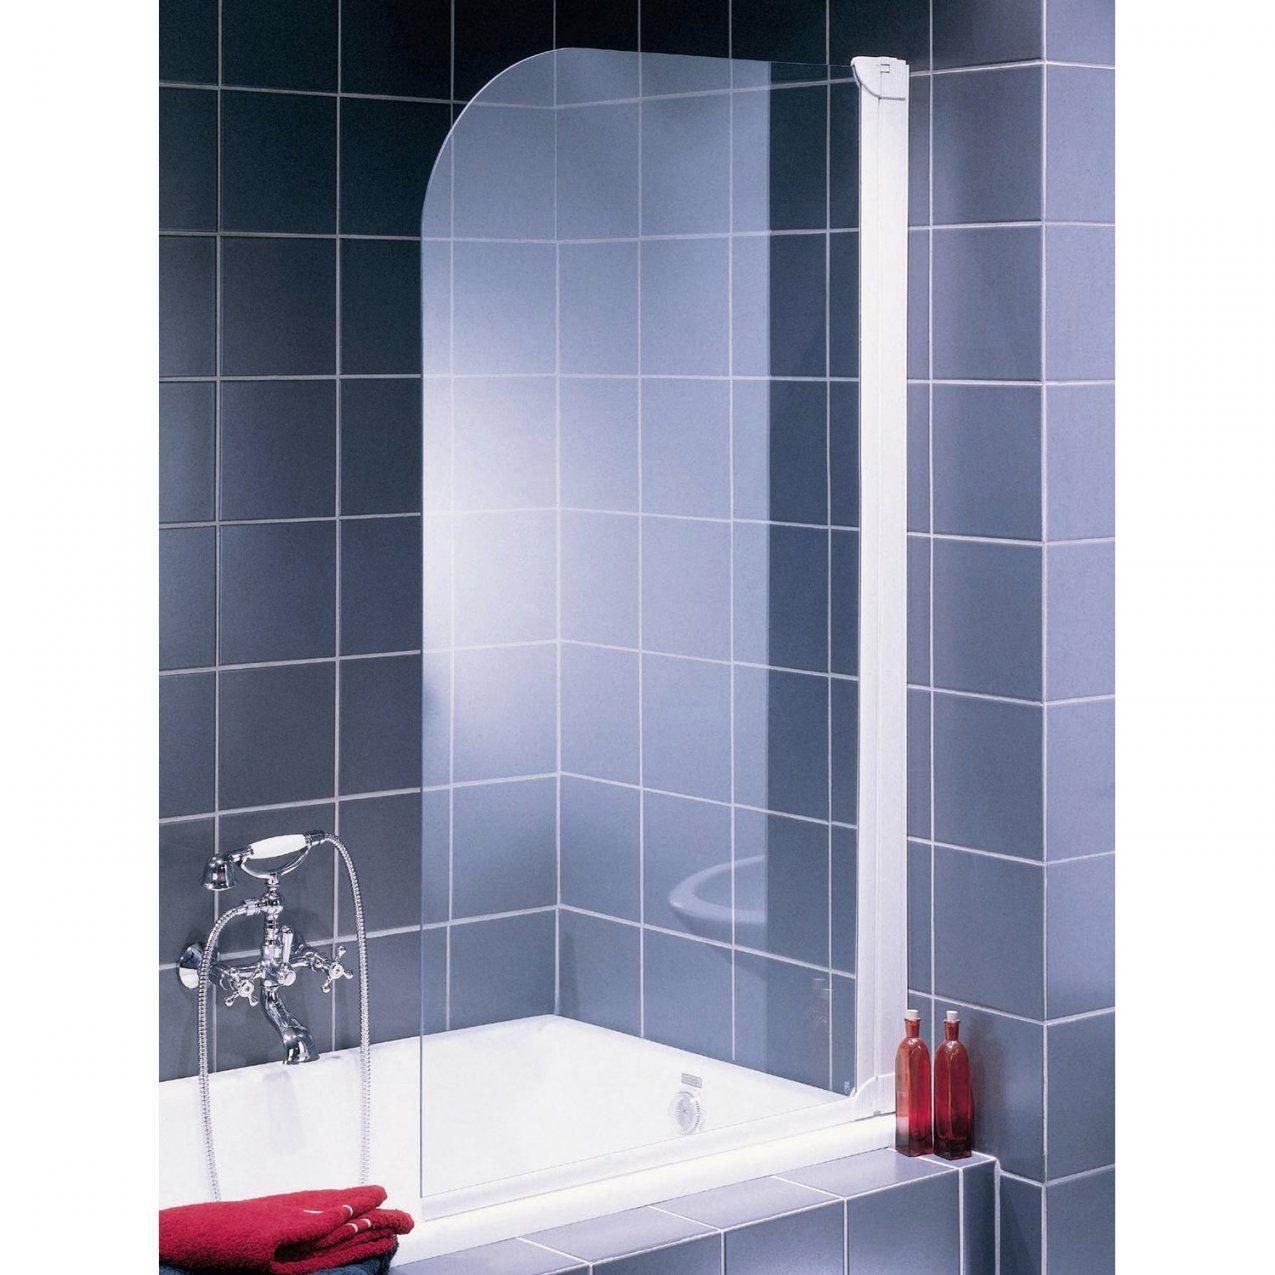 Duschwand Badewanne Kaufen Bei Obi von Duschwand Glas Für Badewanne Photo